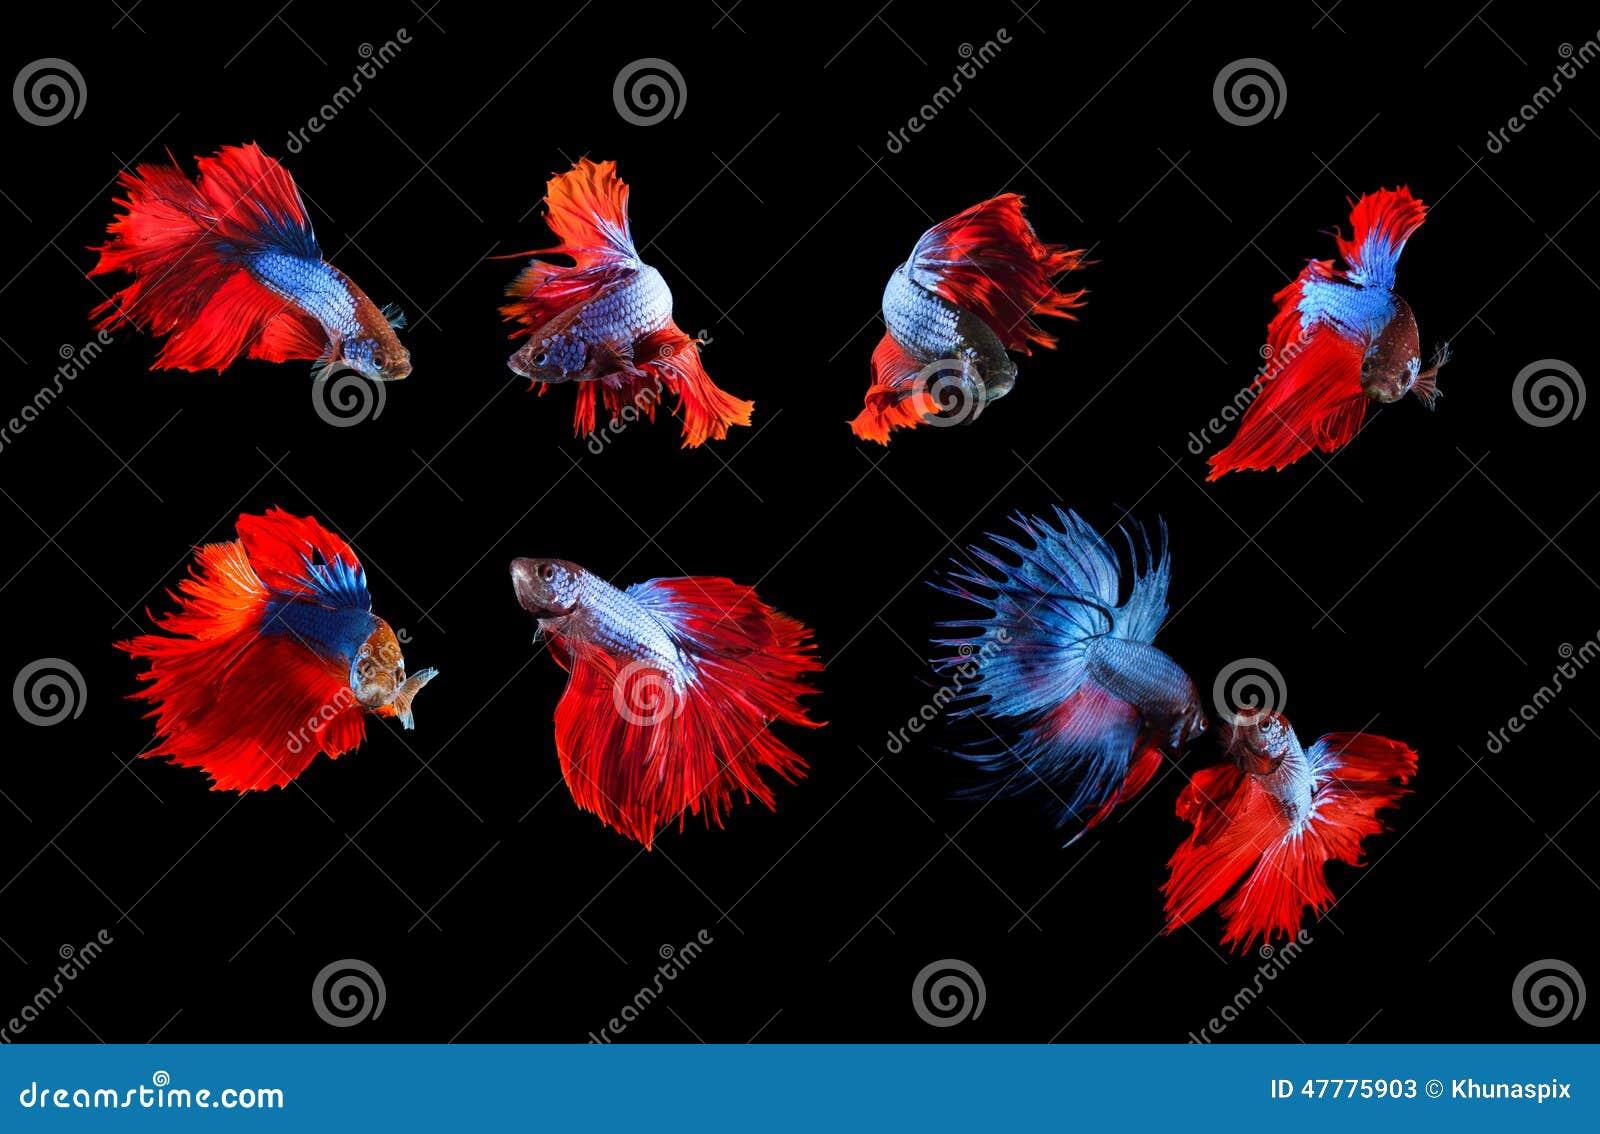 Mezclado de unde completo siamés azul y rojo del cuerpo del betta de los pescados que lucha